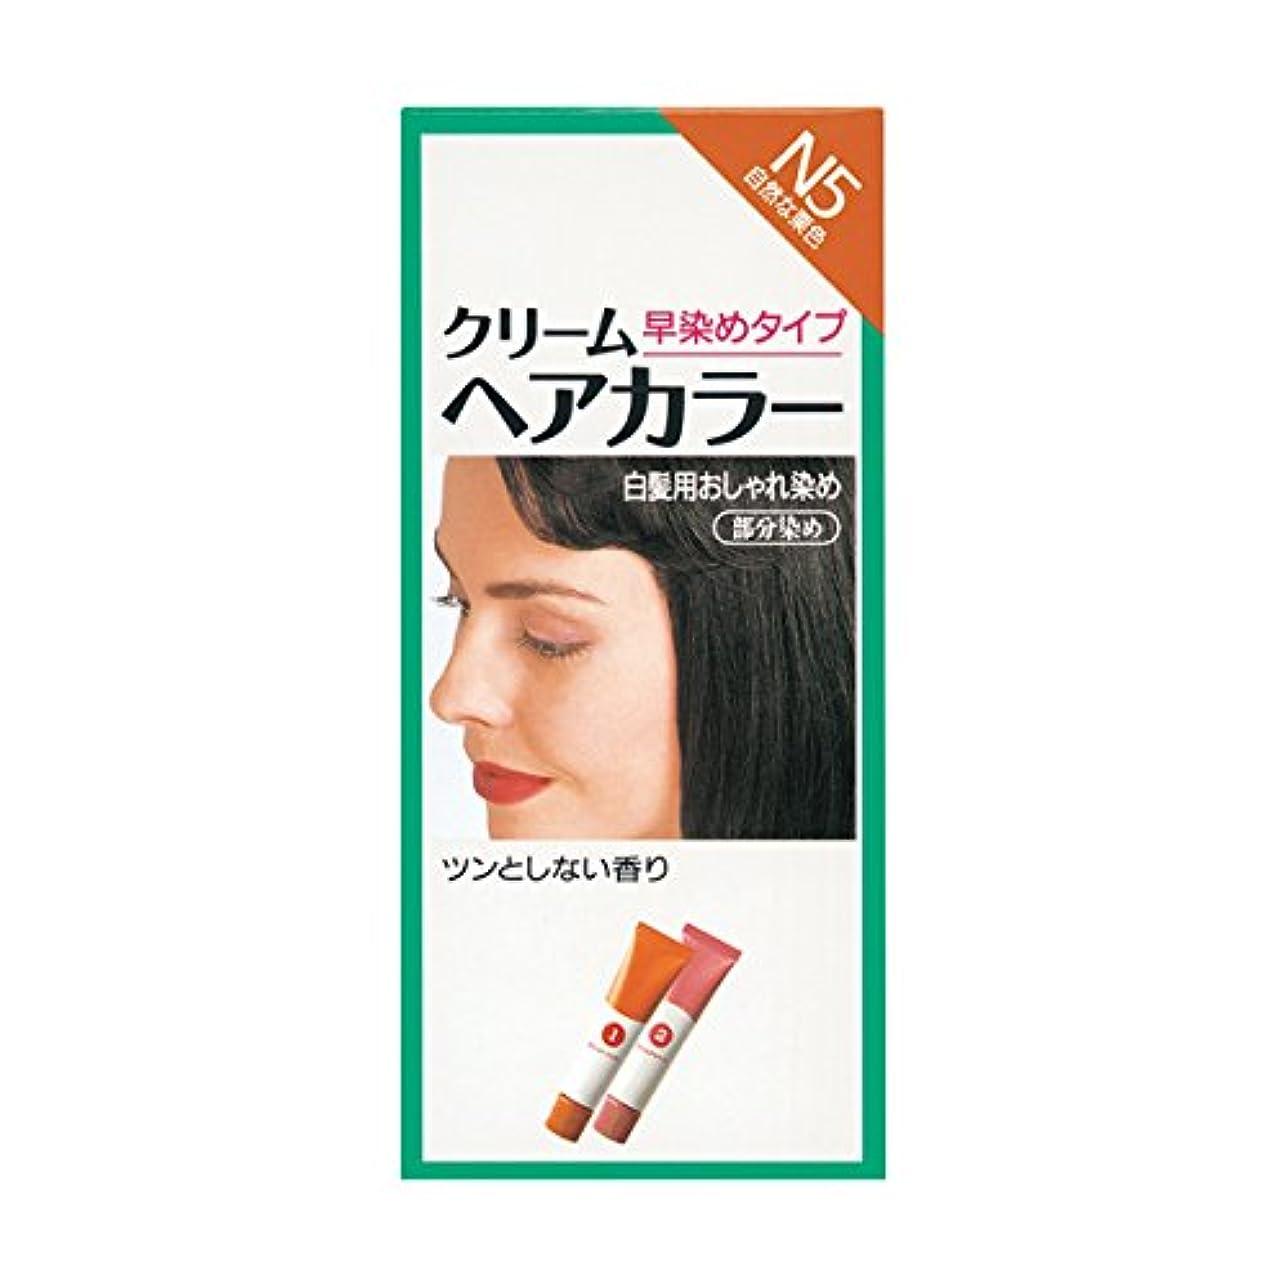 使い込む意識エンゲージメントヘアカラー クリームヘアカラーN N5 【医薬部外品】